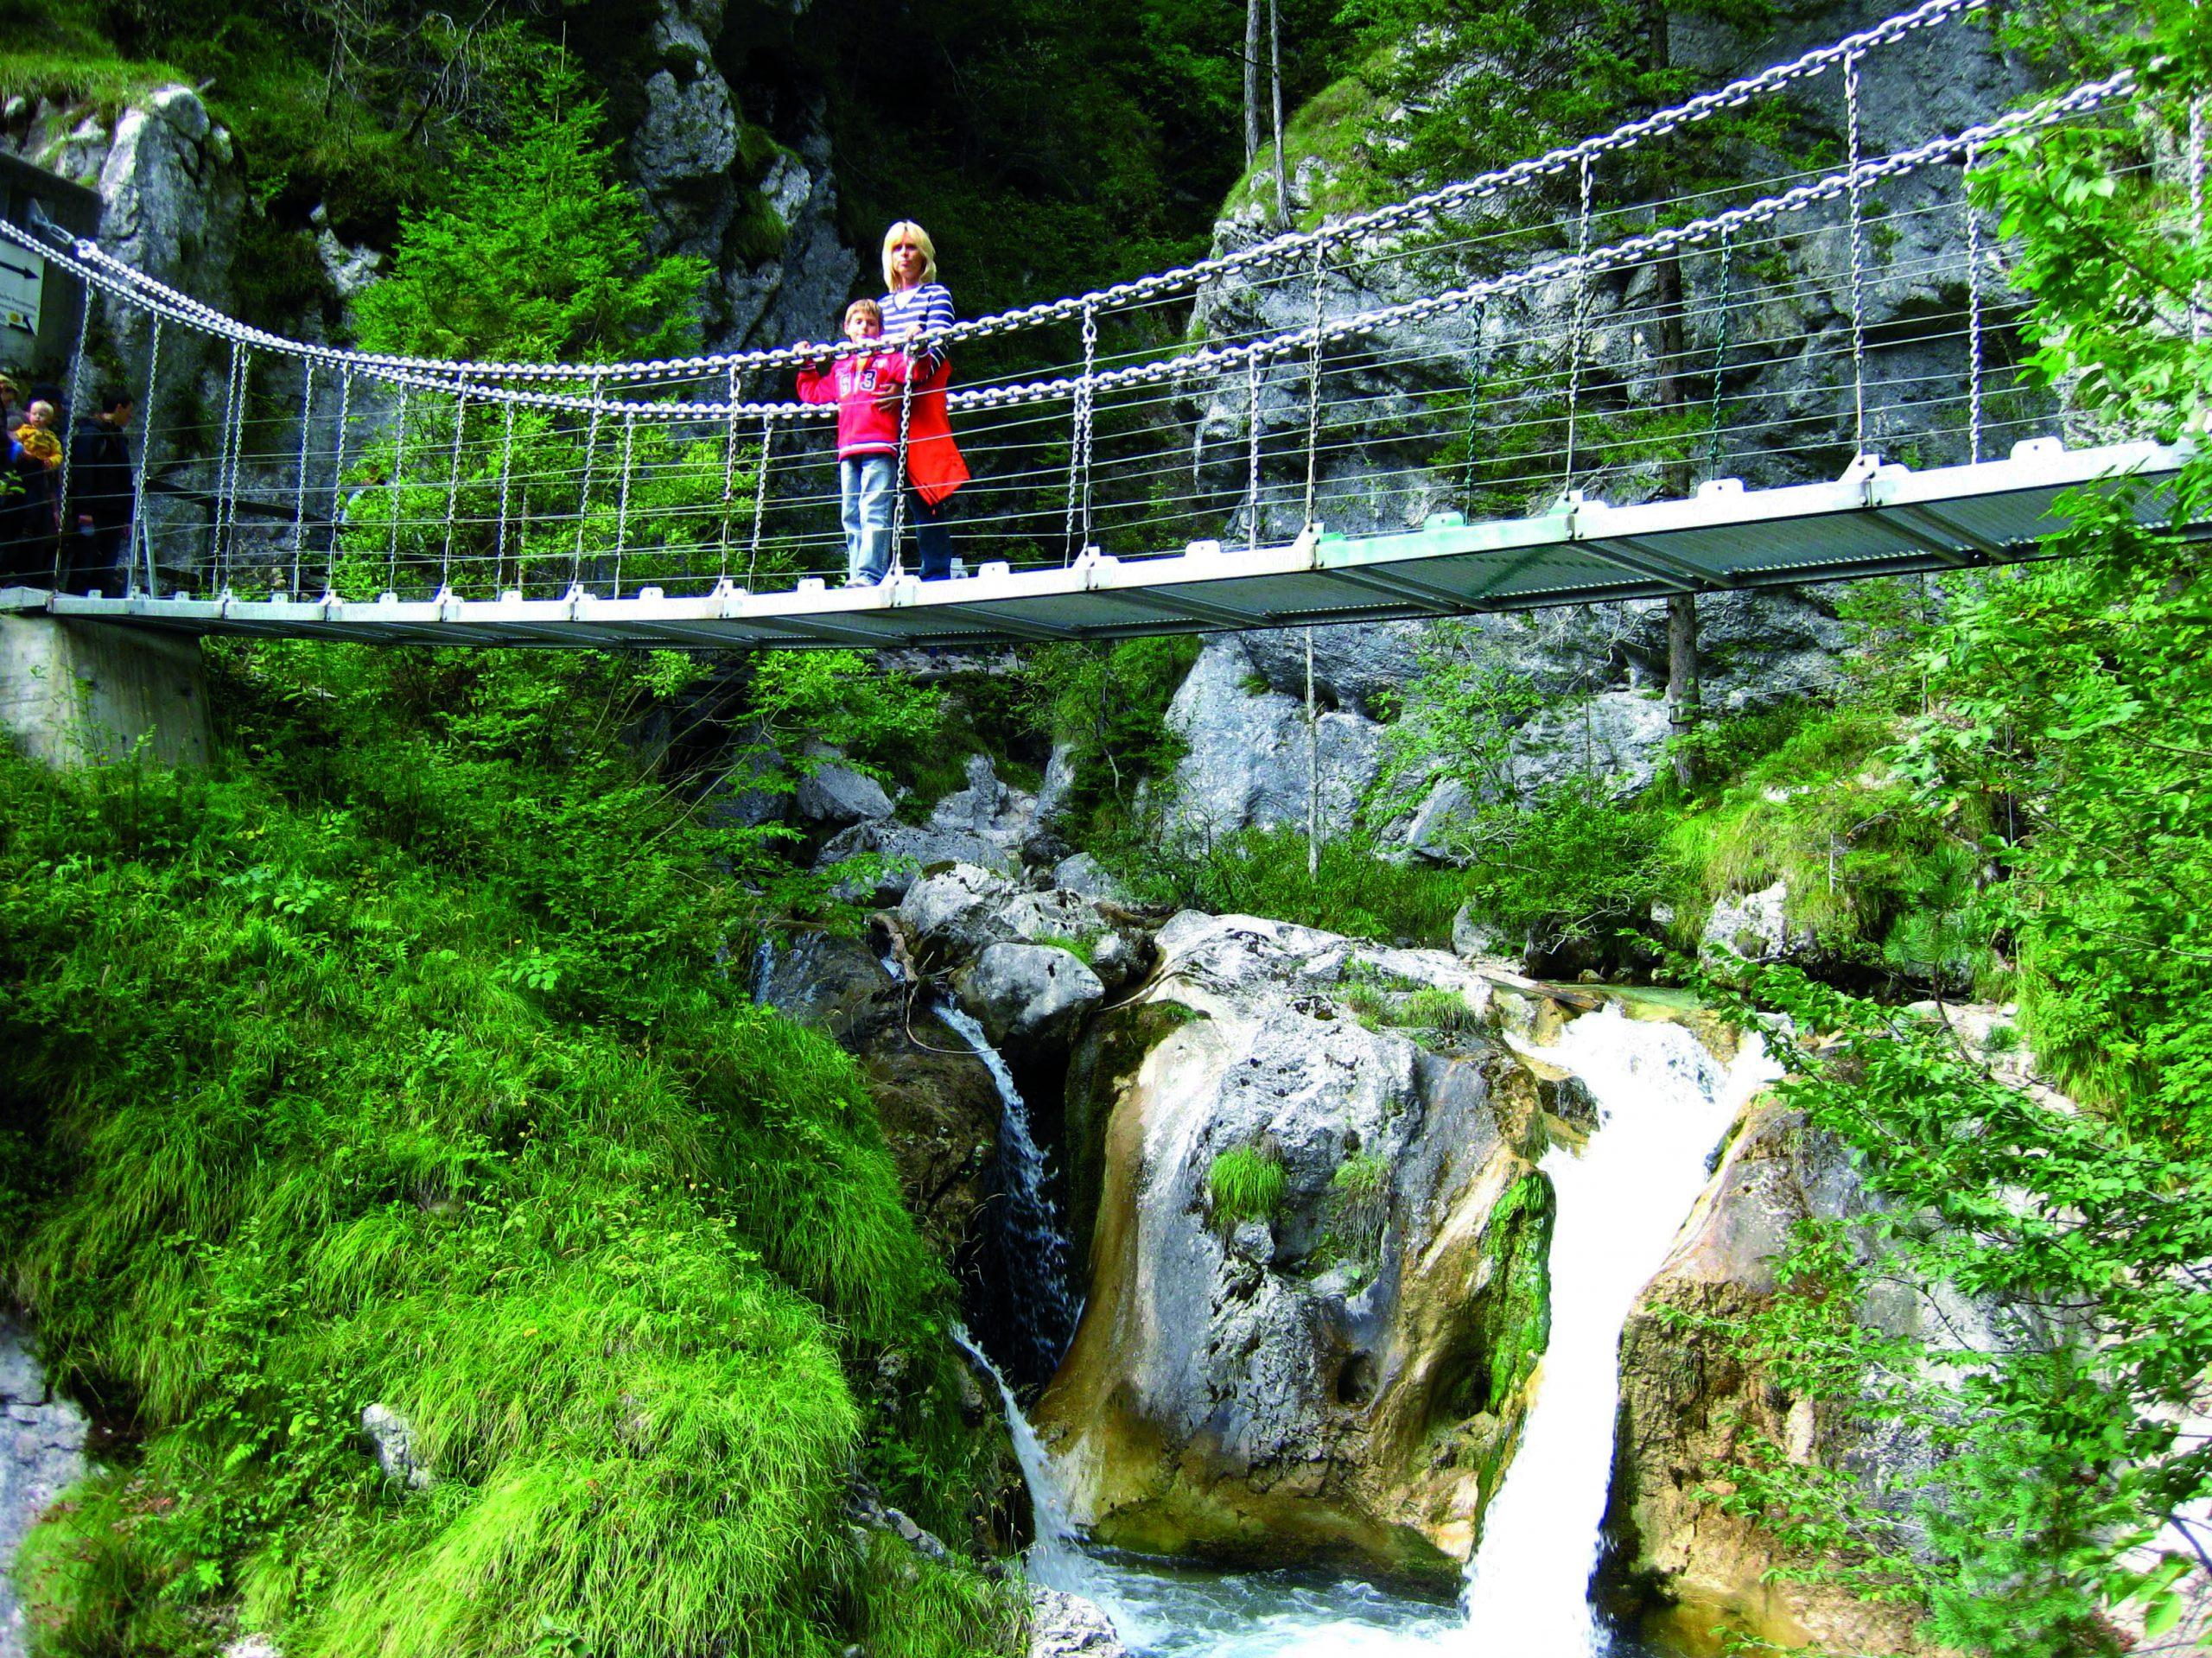 im Radurlaub gibt es tolle Ausflugmöglichkeiten - die Tscheppaschlucht in Ferlach